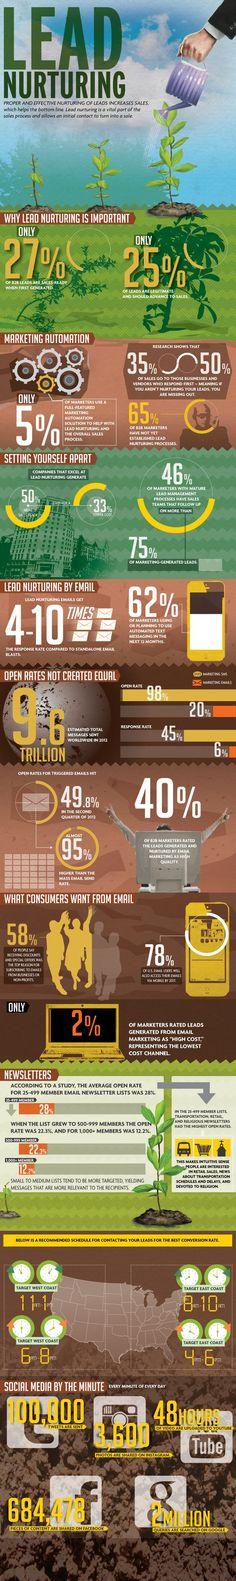 Lead Nurturing: An Infographic | Active Internet Marketing